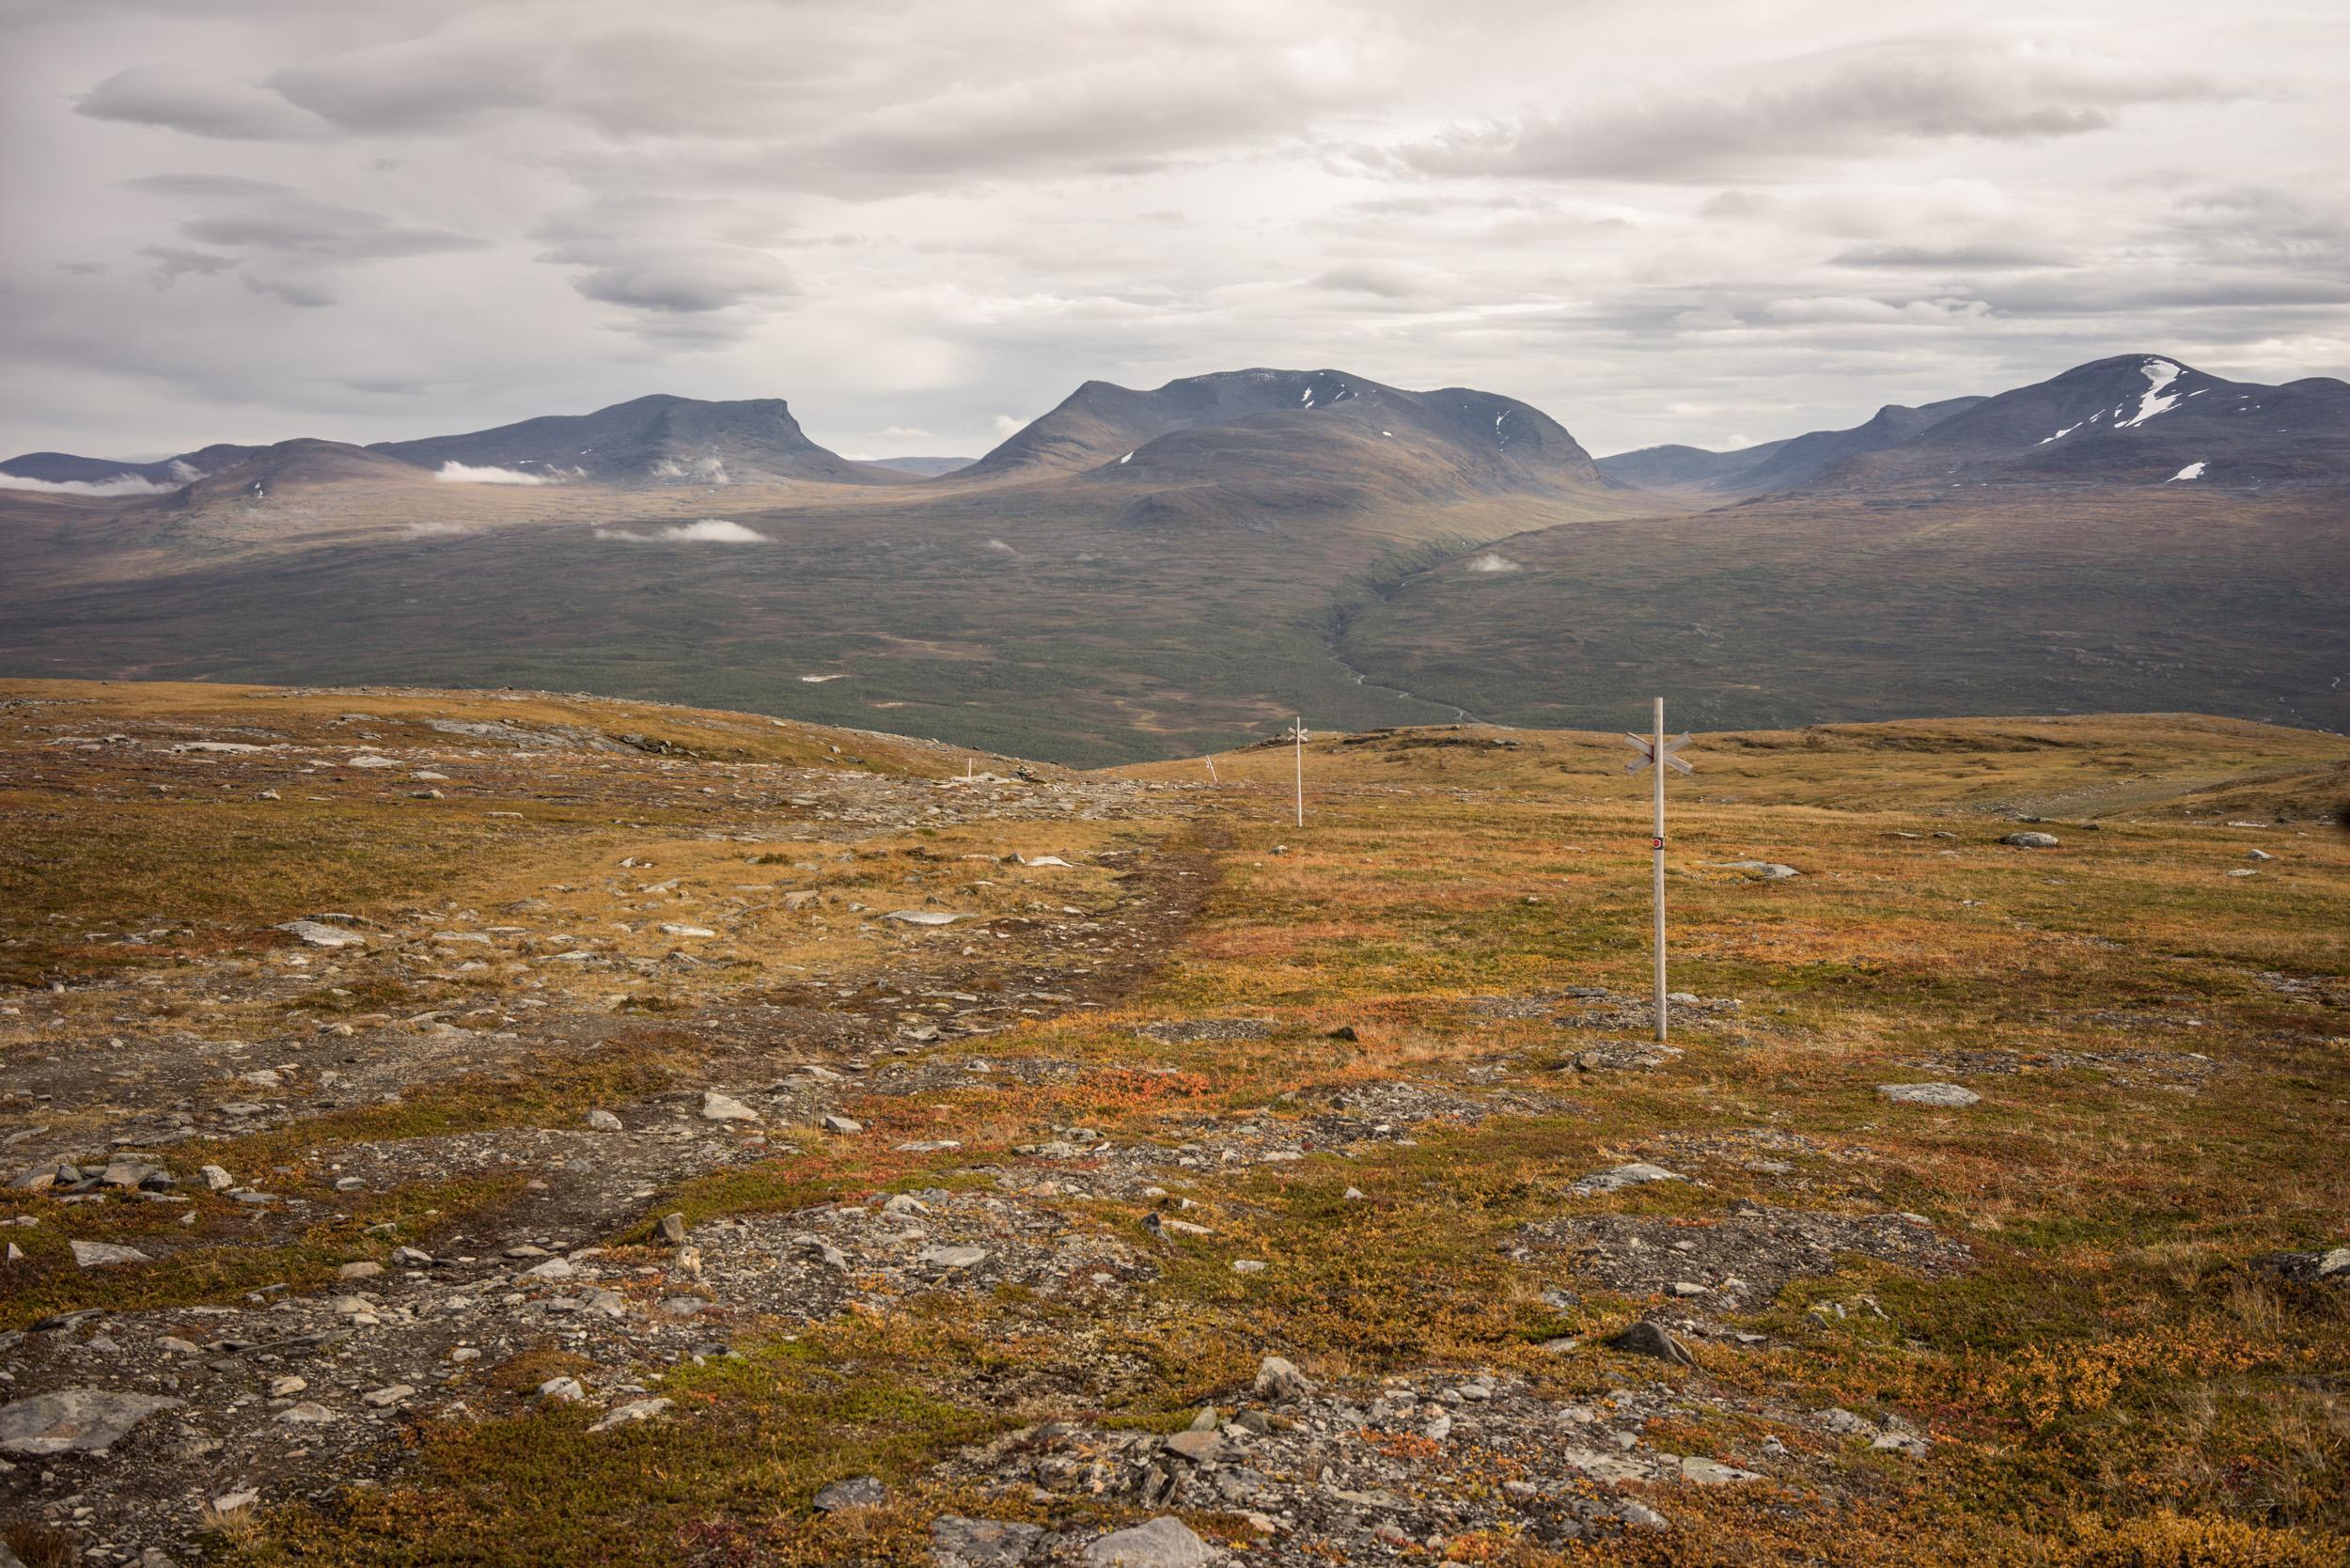 """Depuis la station supérieure, la randonnée vers le sommet est courte et facile. Le paysage verdoyant a cédé la place à la  toundra. Au fond à gauche on distingue la vallée """"iconique"""" de Lapporten, archétype d'une vallée en U creusée par les glaciers."""